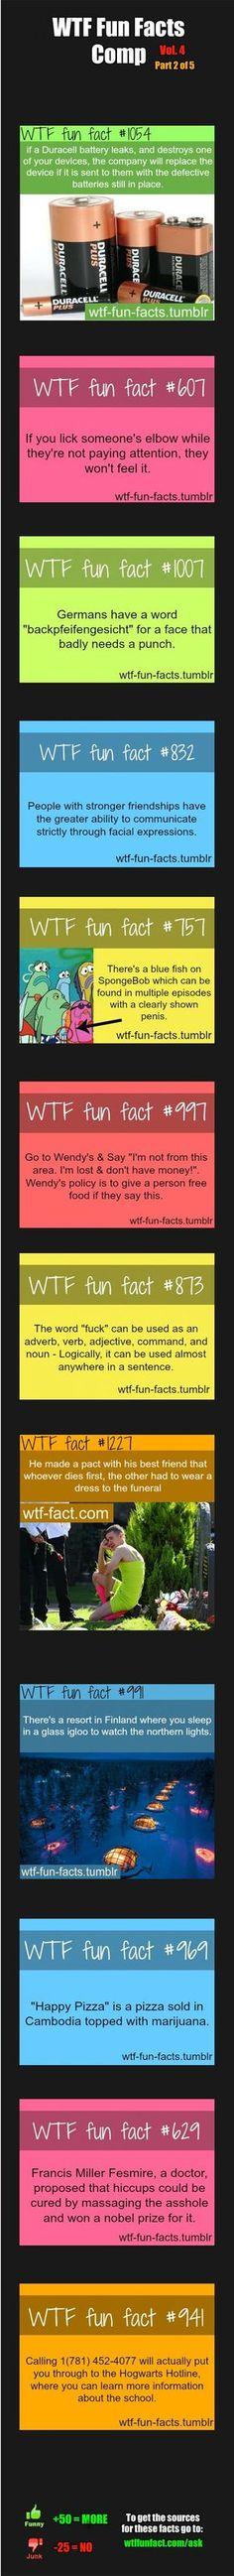 WTF Fun Facts Comp Vol. 4 Part 2: